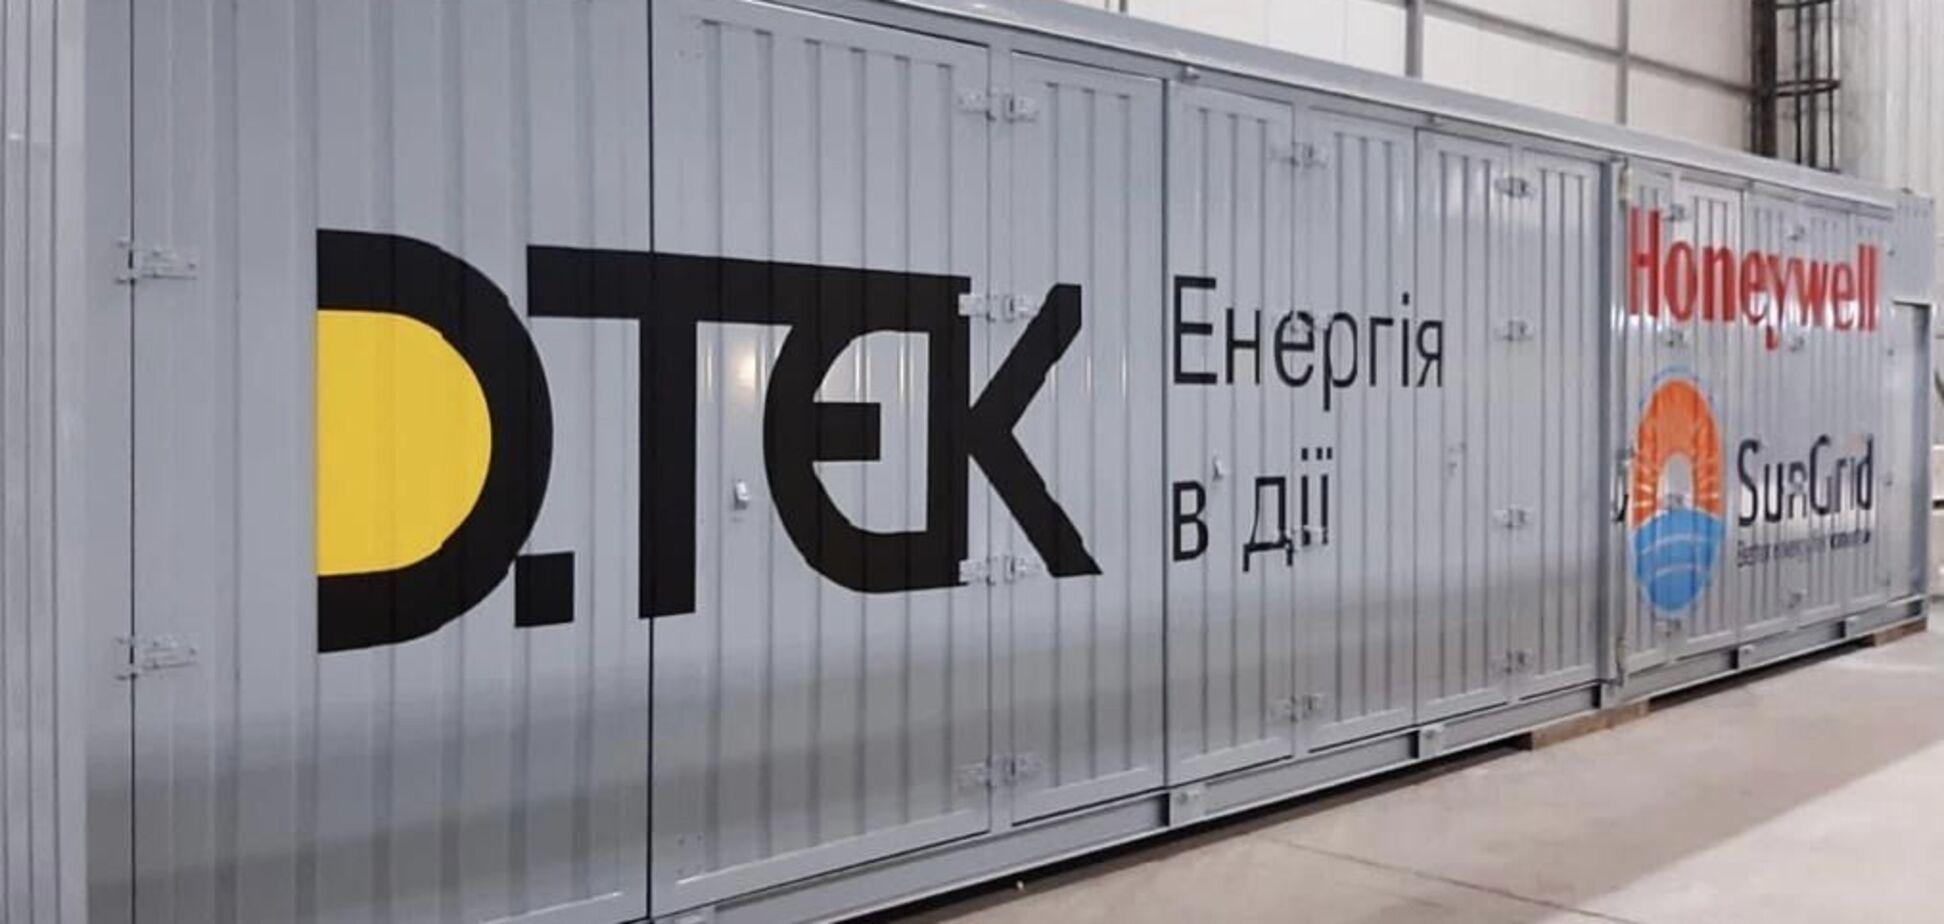 Ринок систем накопичення енергії допоможе енергобезпеці України, – Вольпе